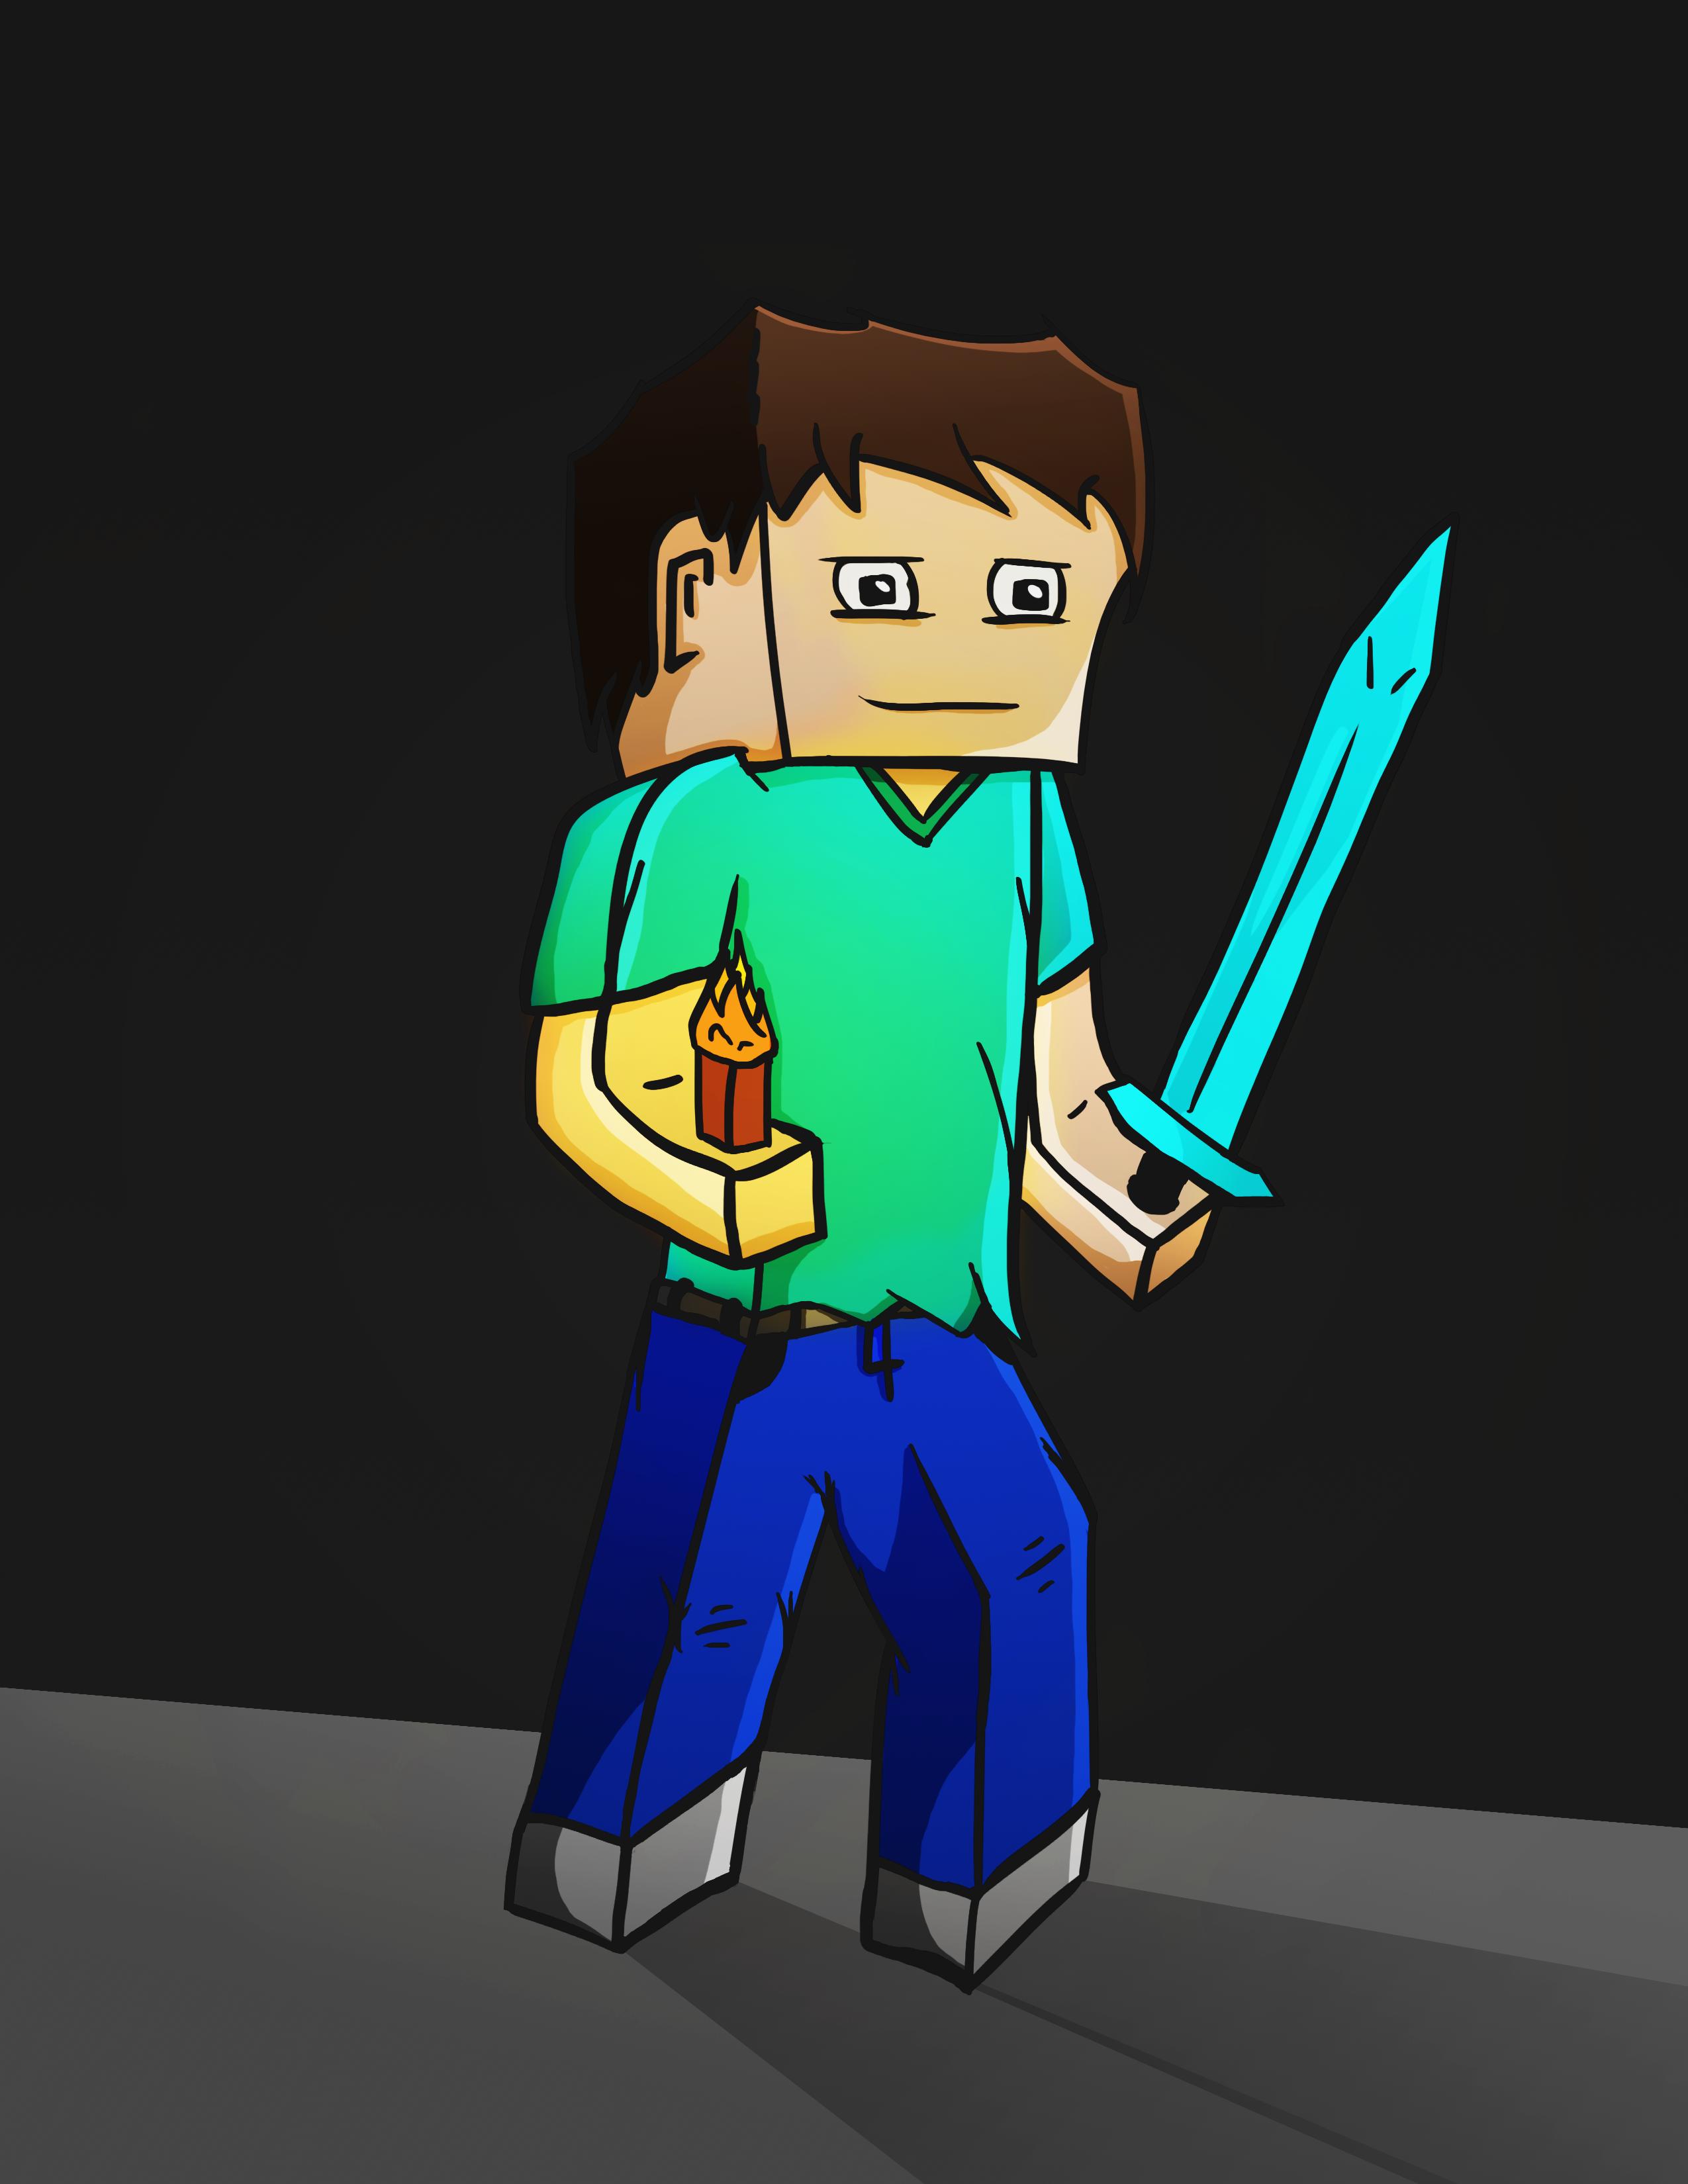 Картинки майнкрафт на аватарку